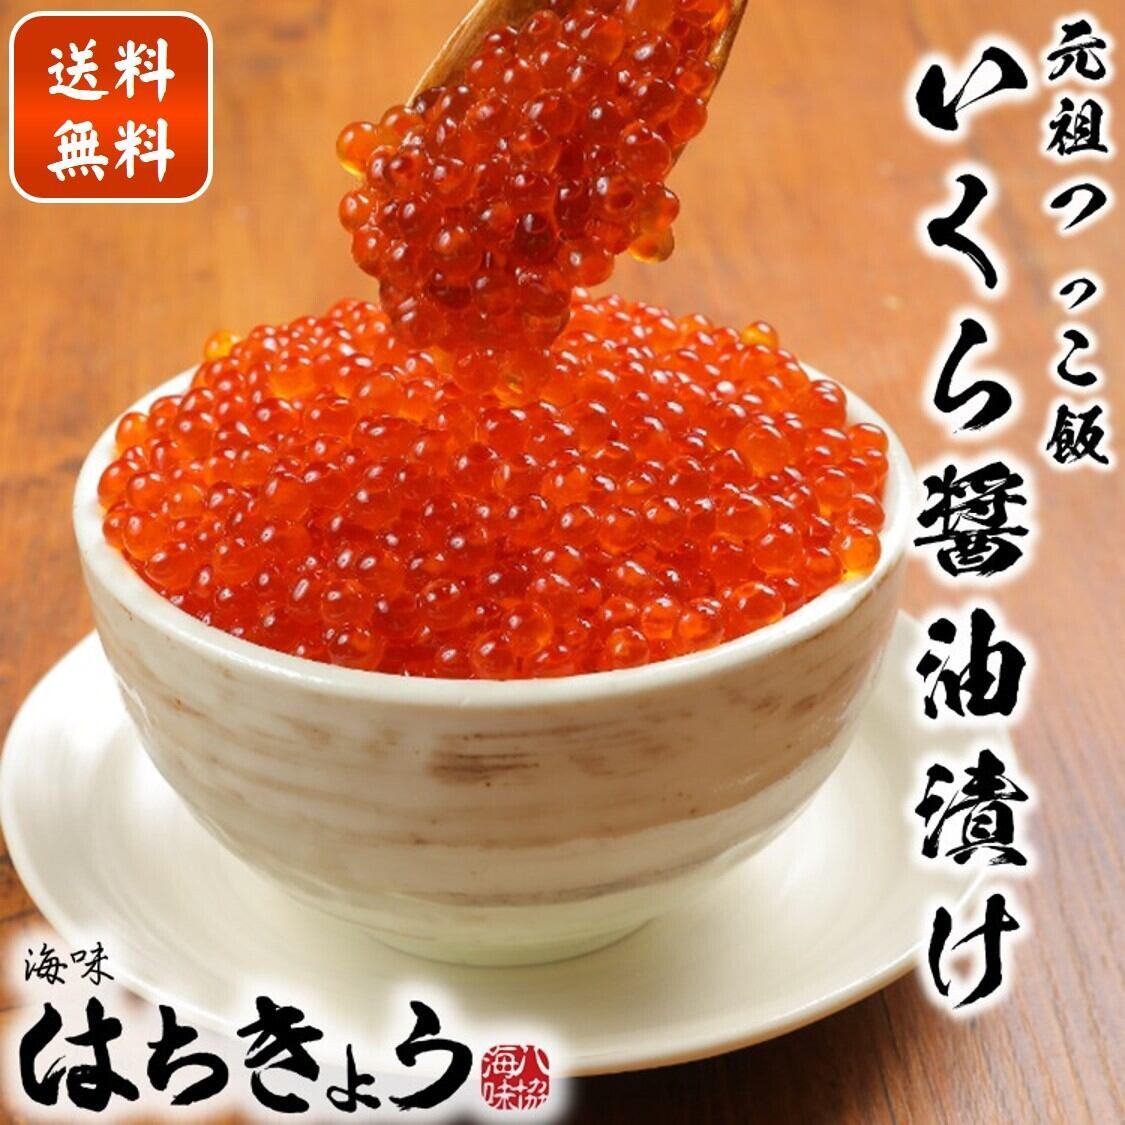 【はちきょう名物】元祖つっこ飯のいくら醤油漬 240g(80g×3個)